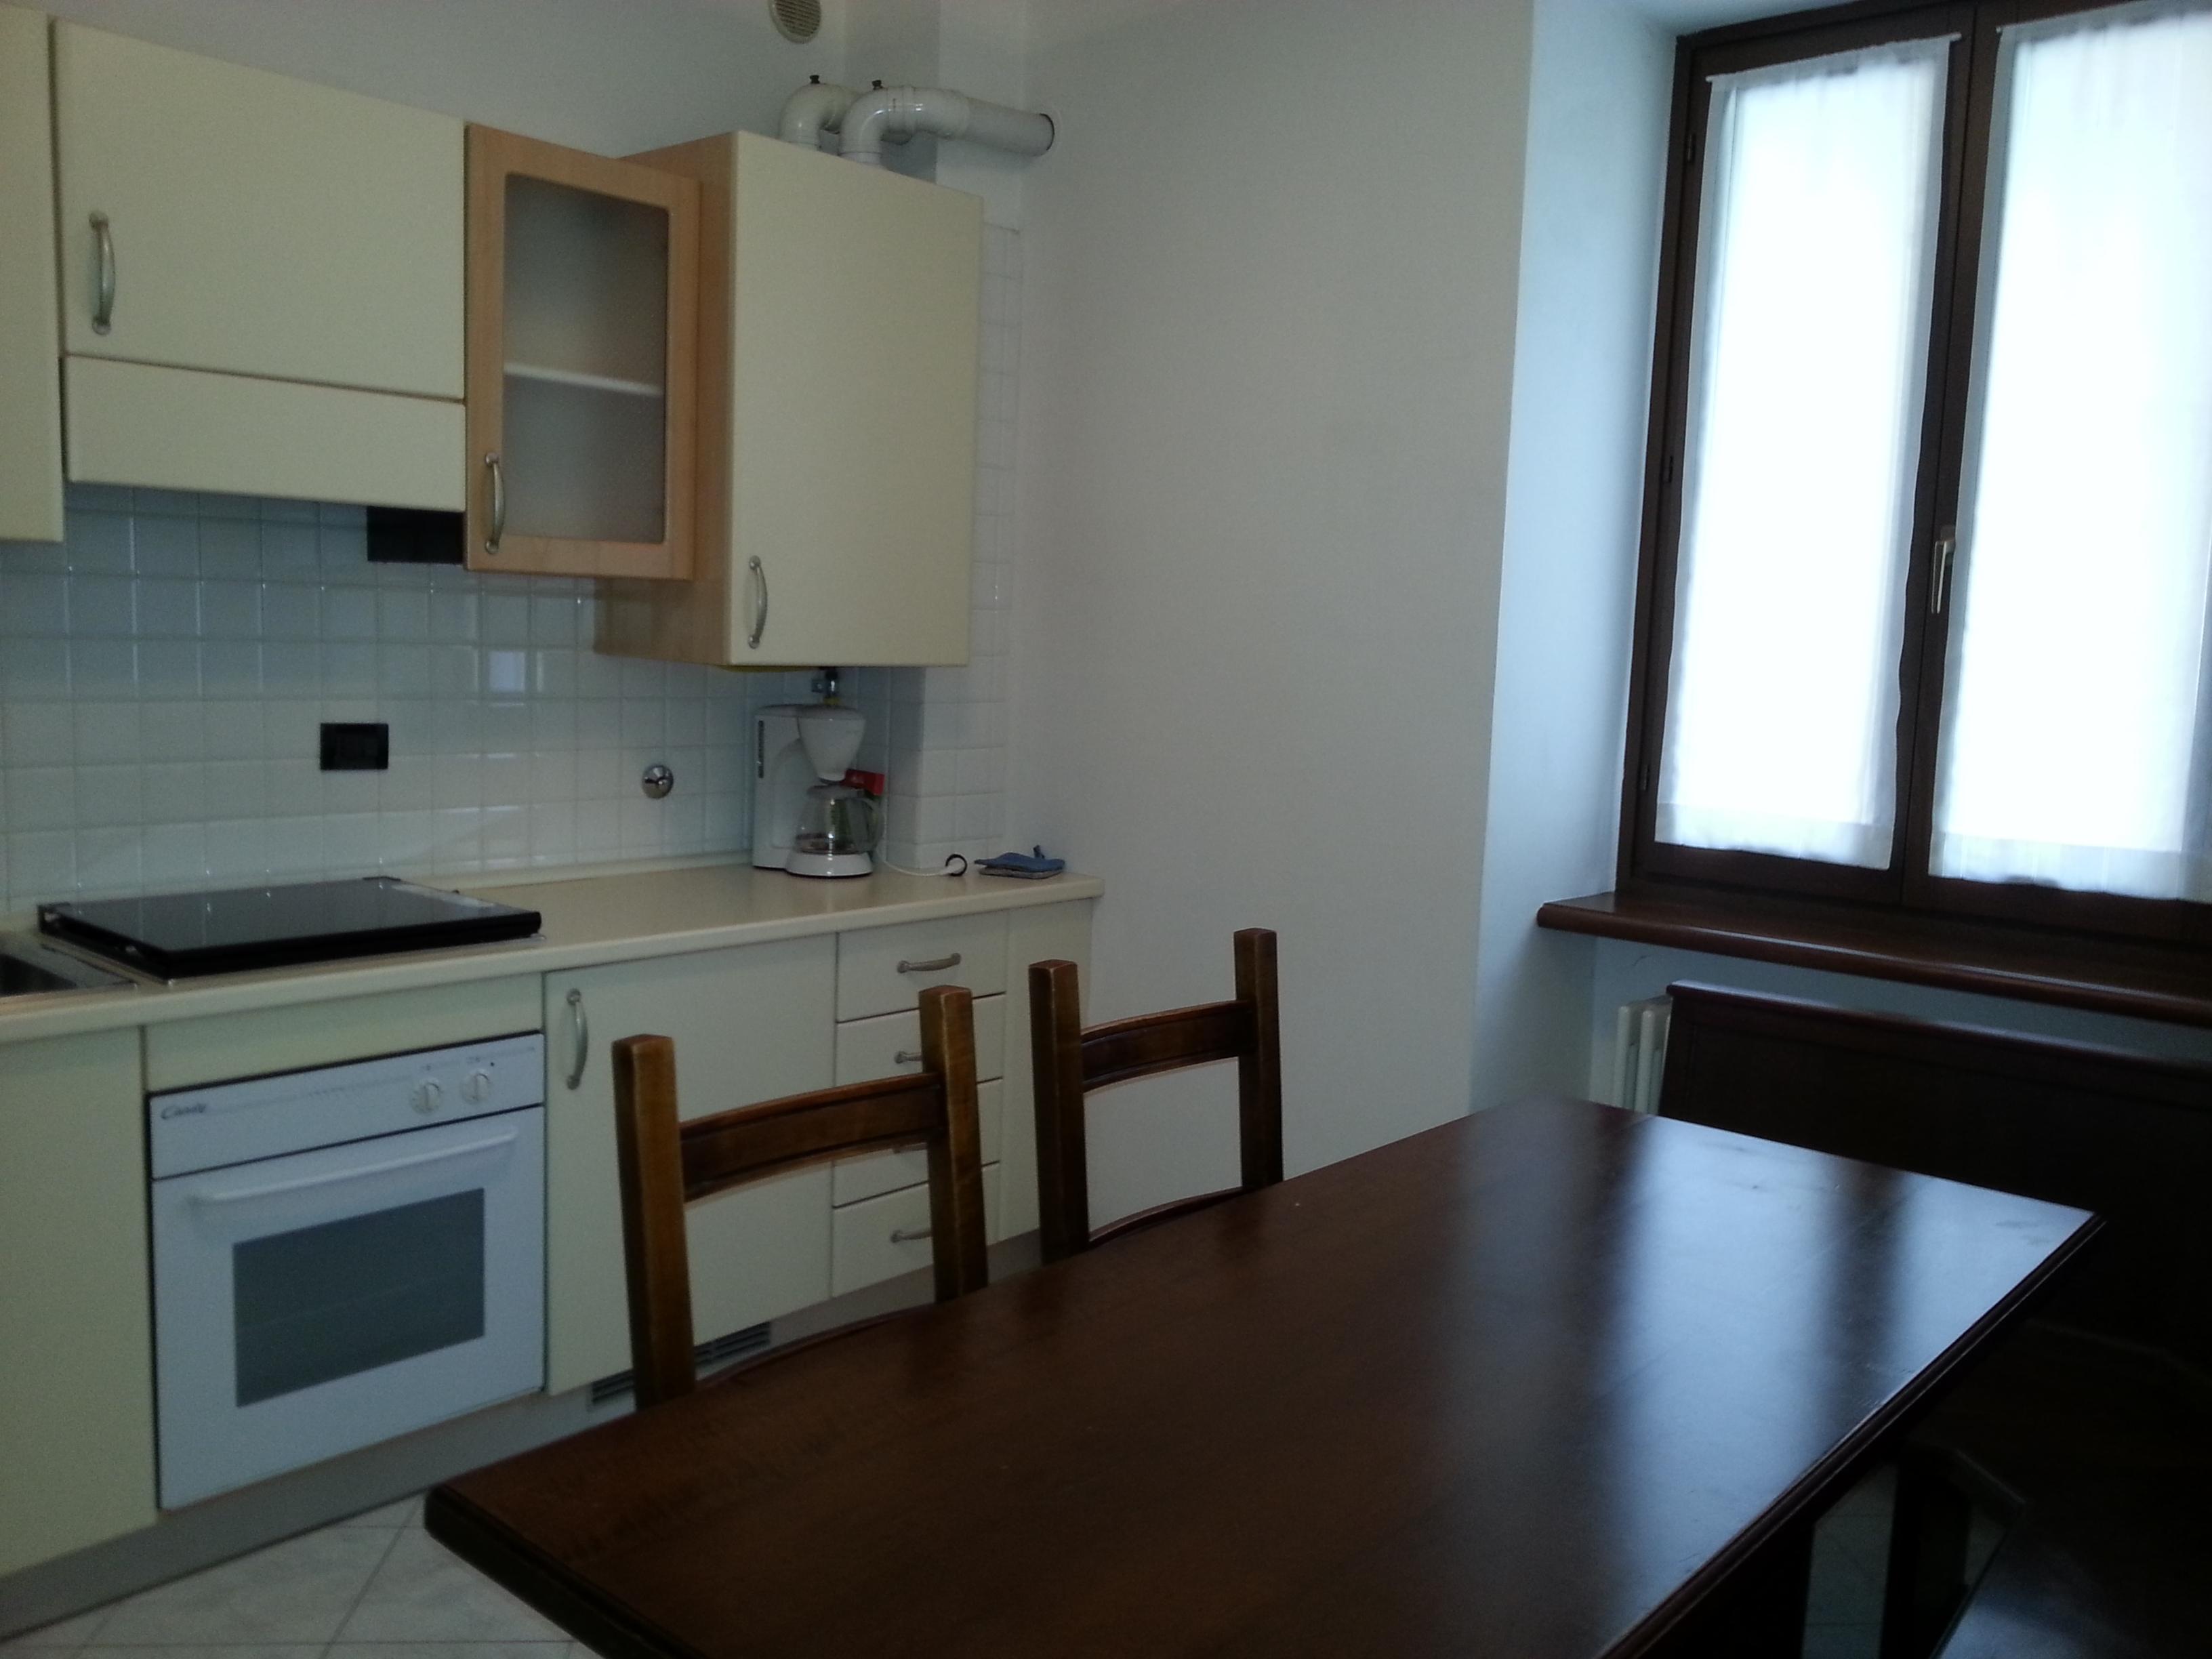 Appartamento con 2 camere da letto casa francesca for Appartamento con 2 camere da letto